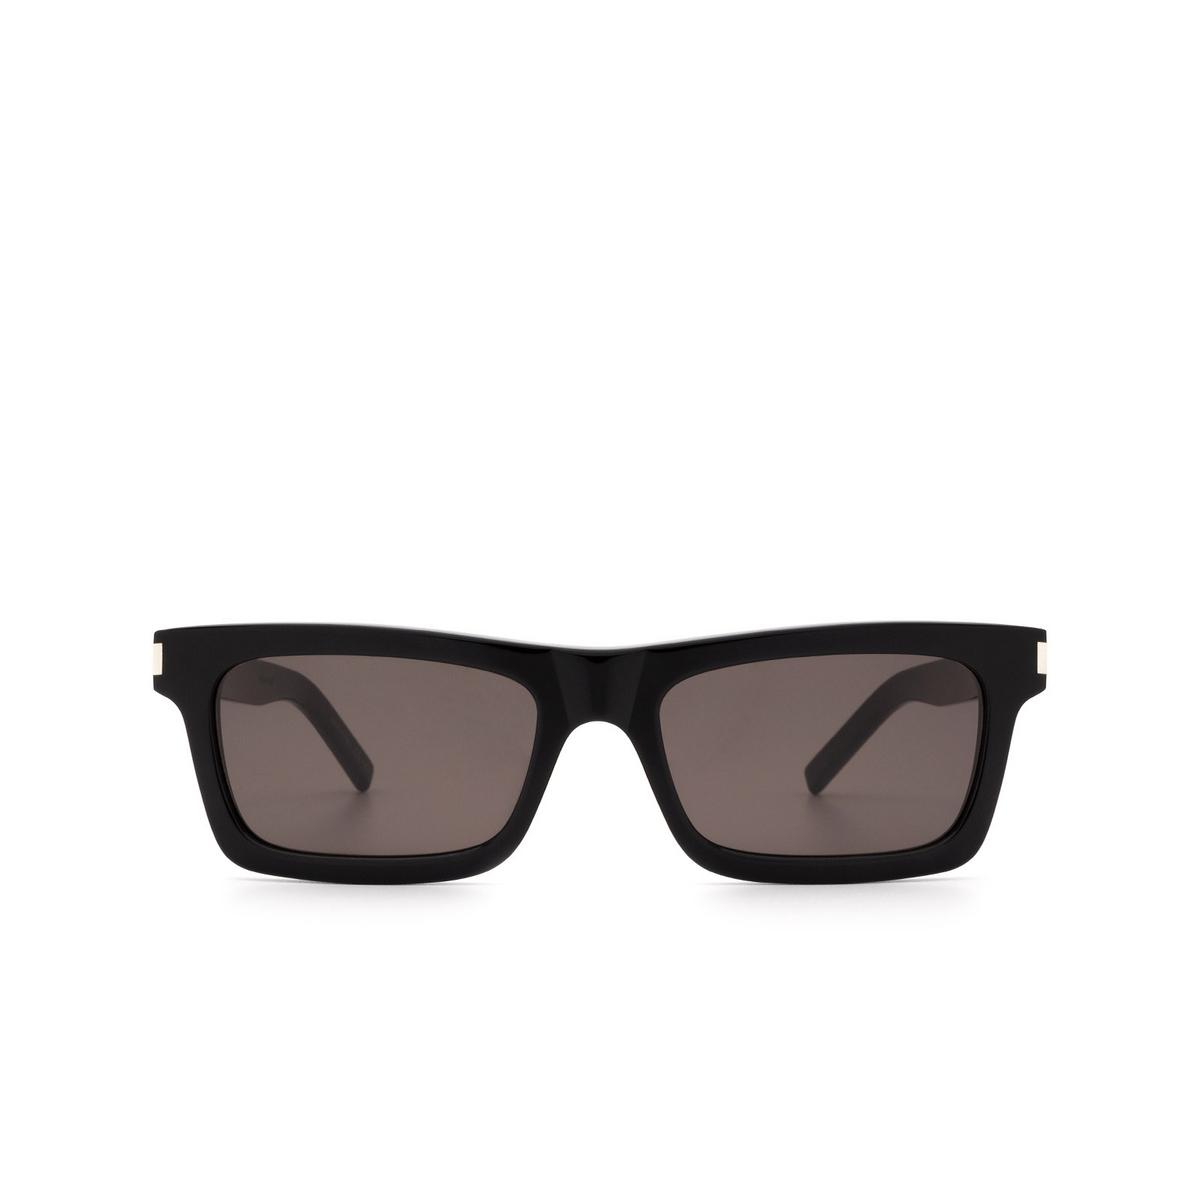 Saint Laurent® Rectangle Sunglasses: Betty SL 461 color Black 001.